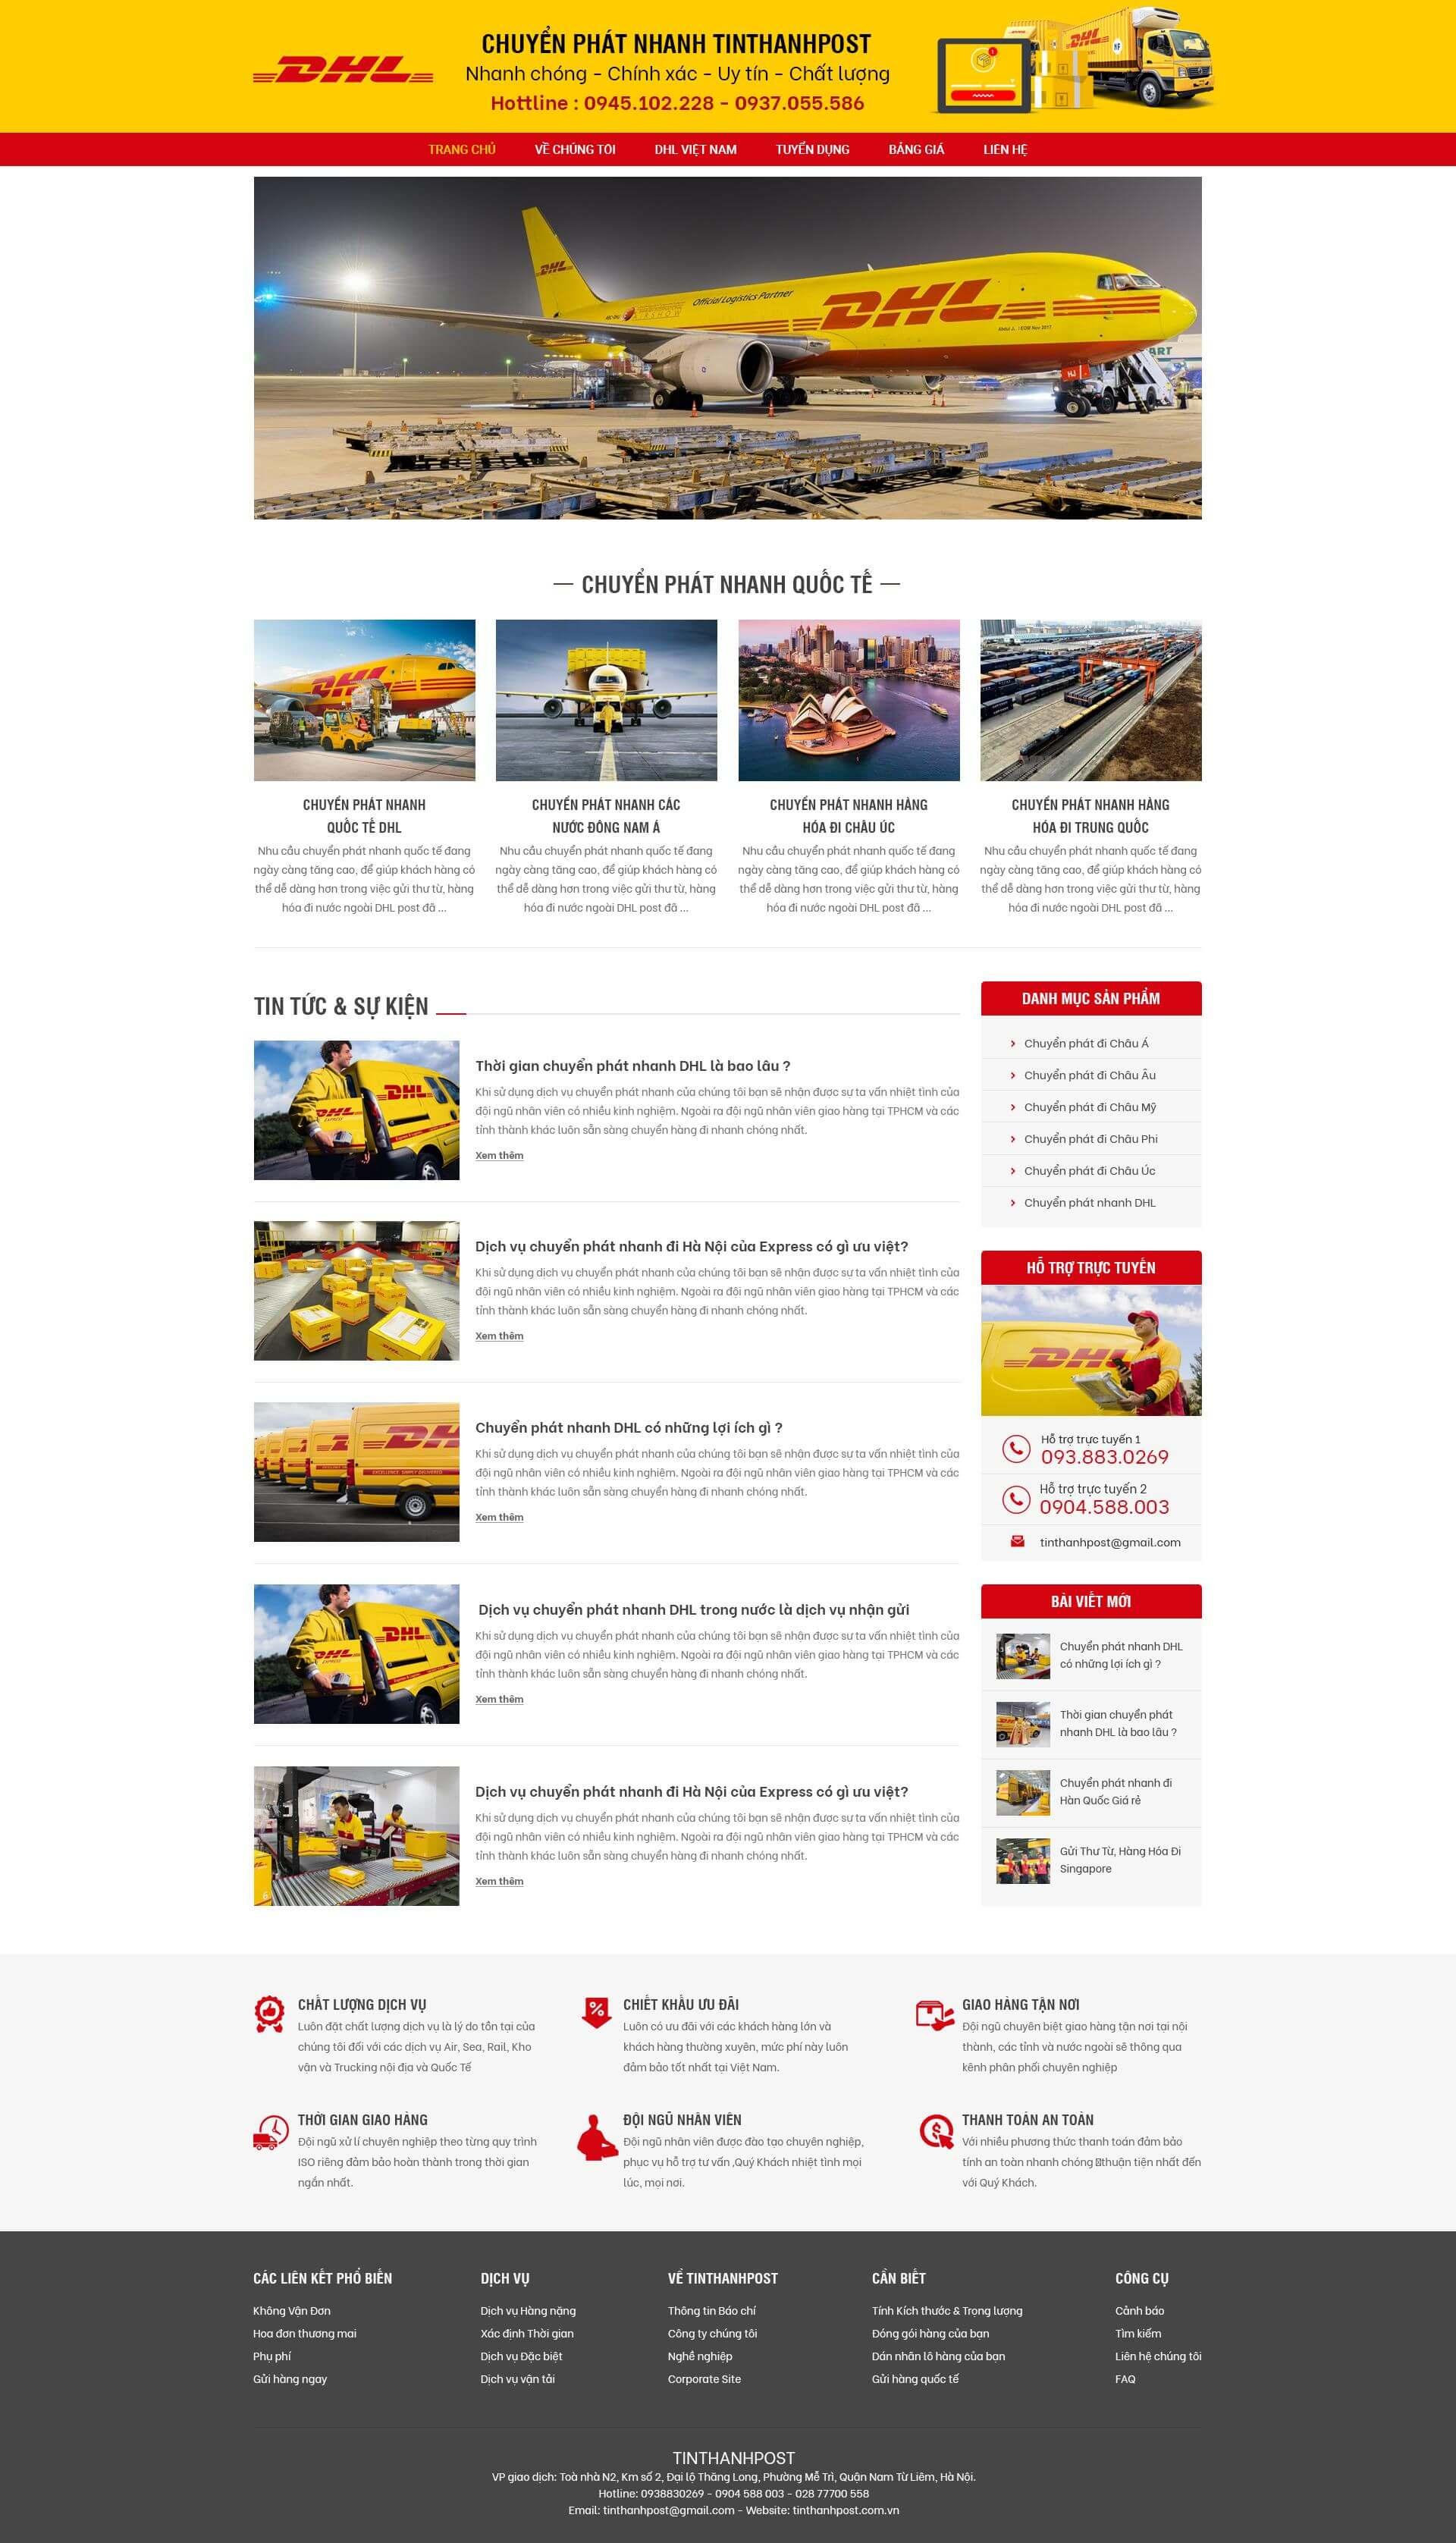 Mẫu web Dịch vụ và vận tải